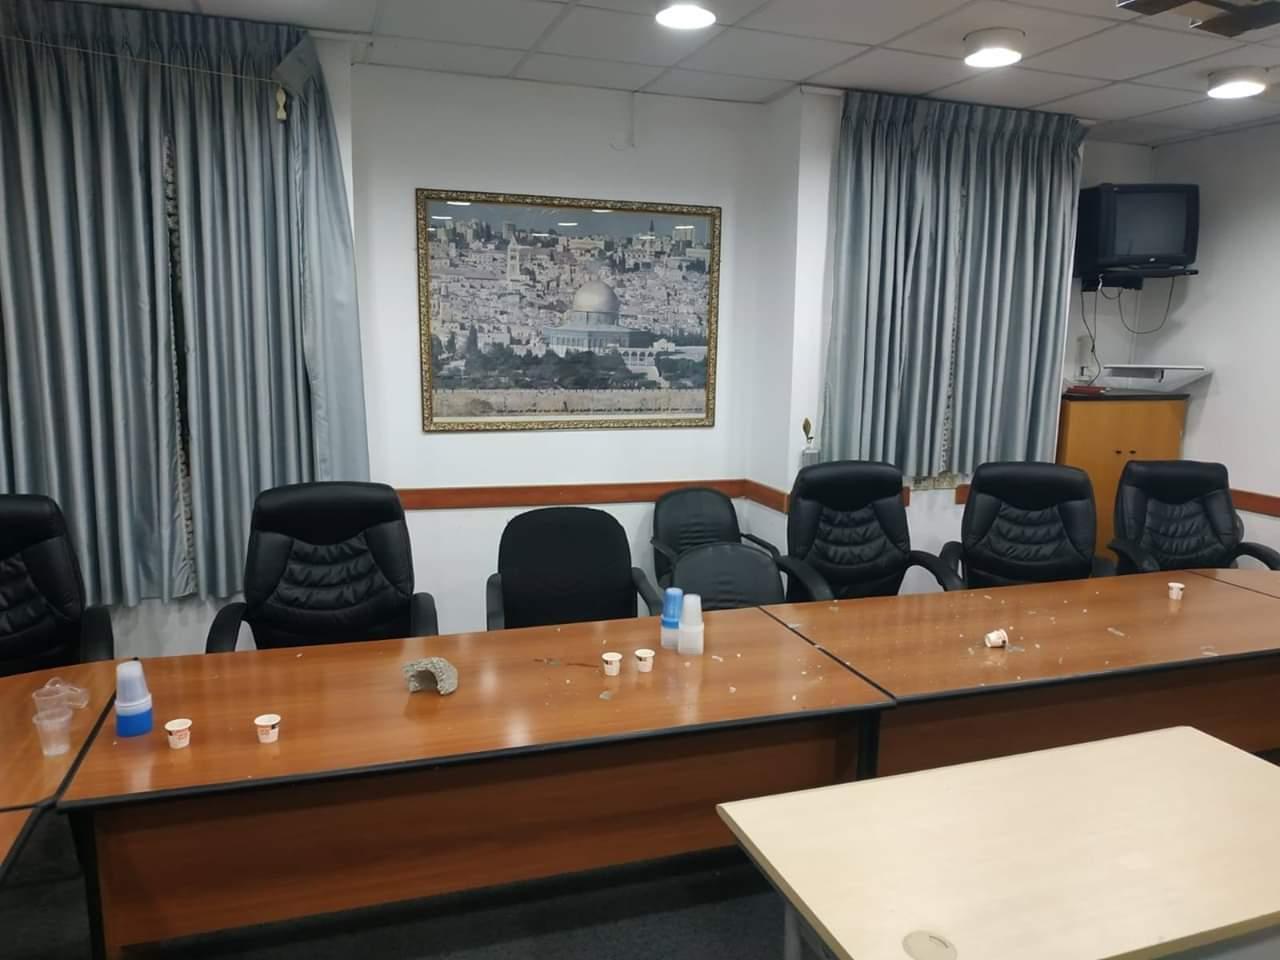 كفر مندا: اقتحام المجلس أثناء مناقشة الميزانية وتبادل للاتهامات